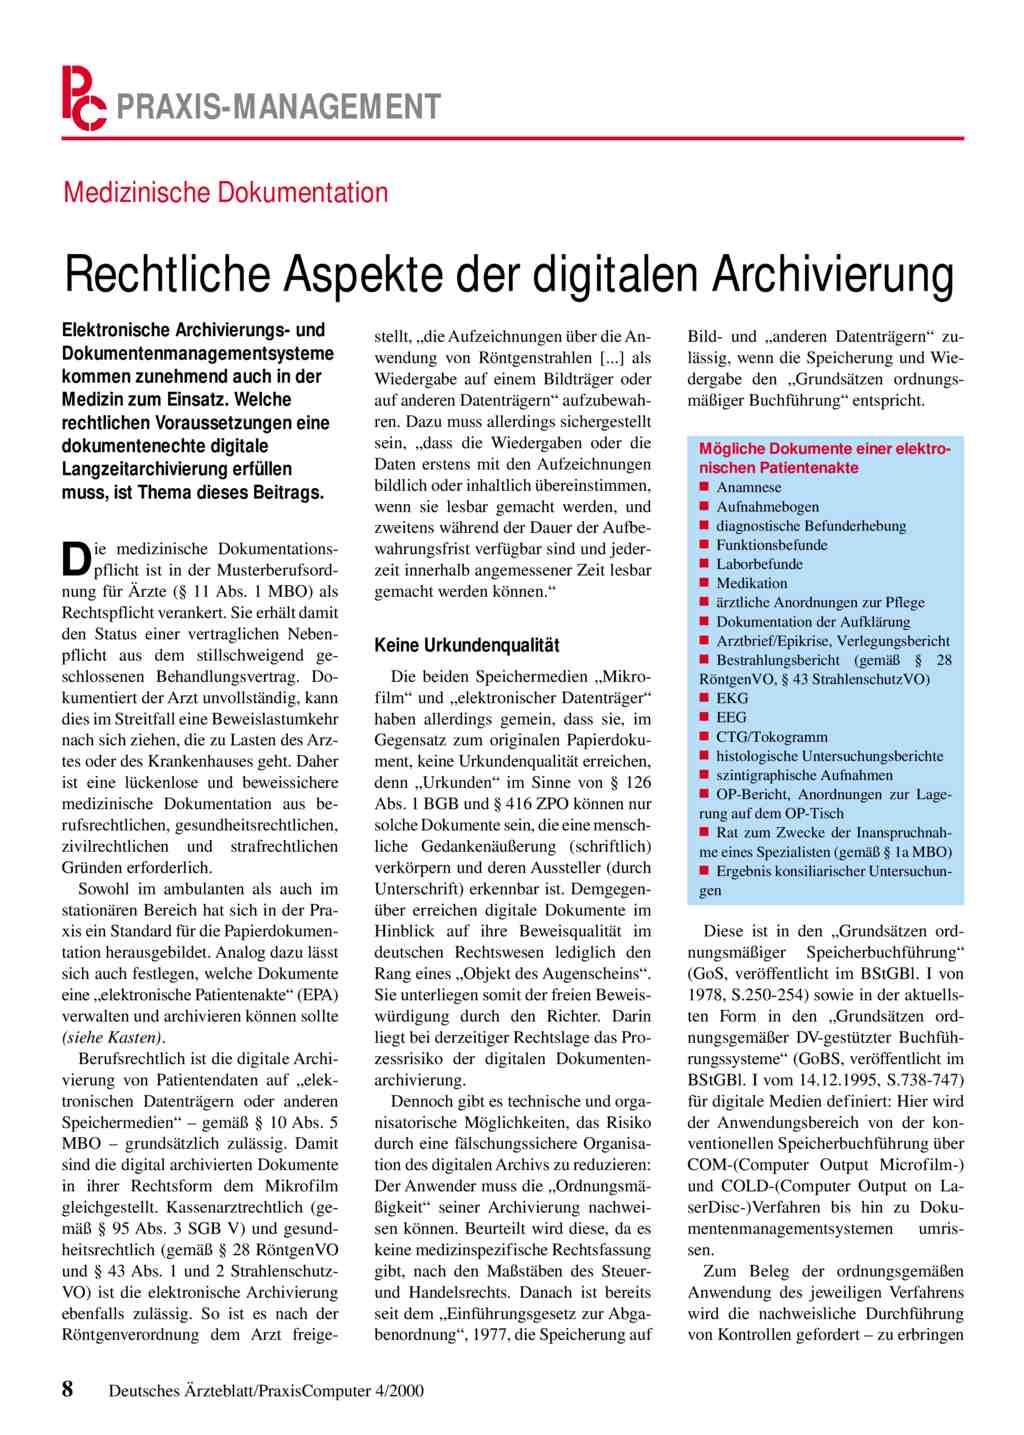 Medizinische Dokumentation: Rechtliche Aspekte der digitalen ...